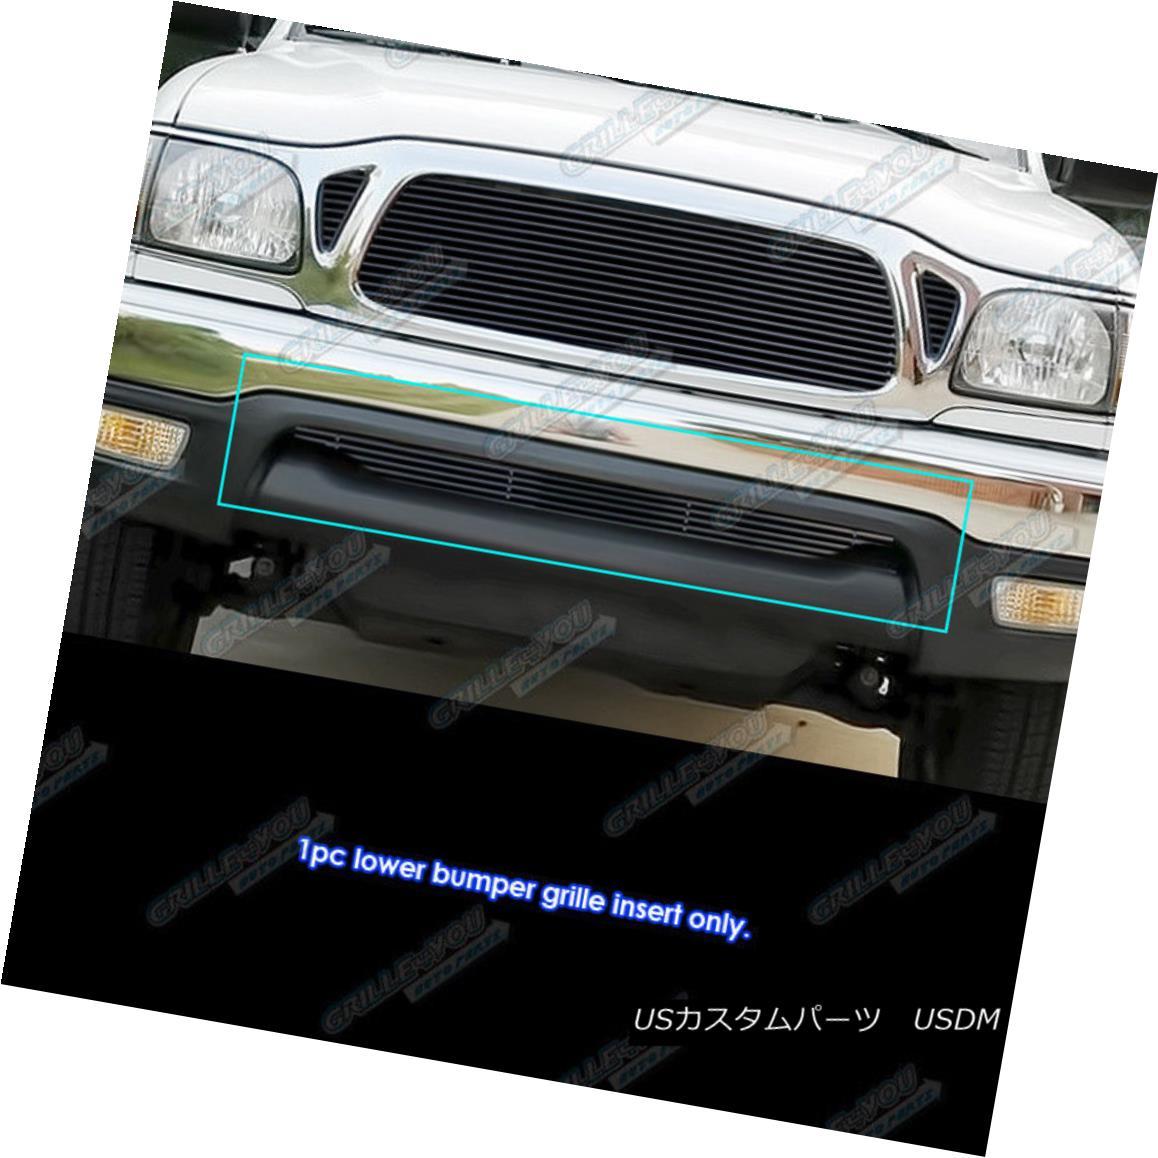 グリル Fits 01-04 Toyota Tacoma Black Lower Bumper Billet Grille Insert フィット01-04トヨタタコマブラックロワーバンパービレットグリルインサート